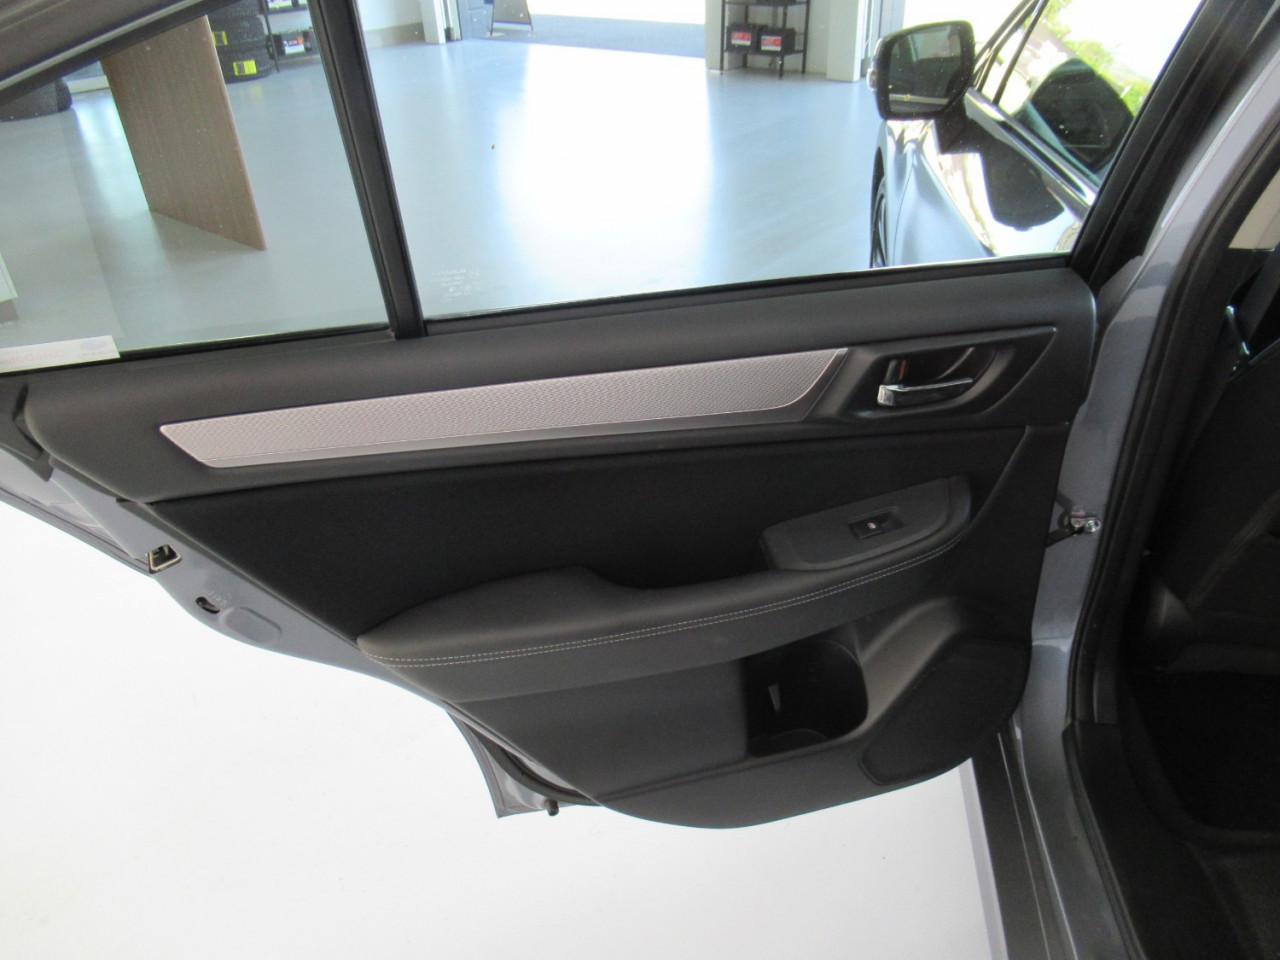 2016 Subaru Liberty 6GEN 2.5i Sedan Image 25